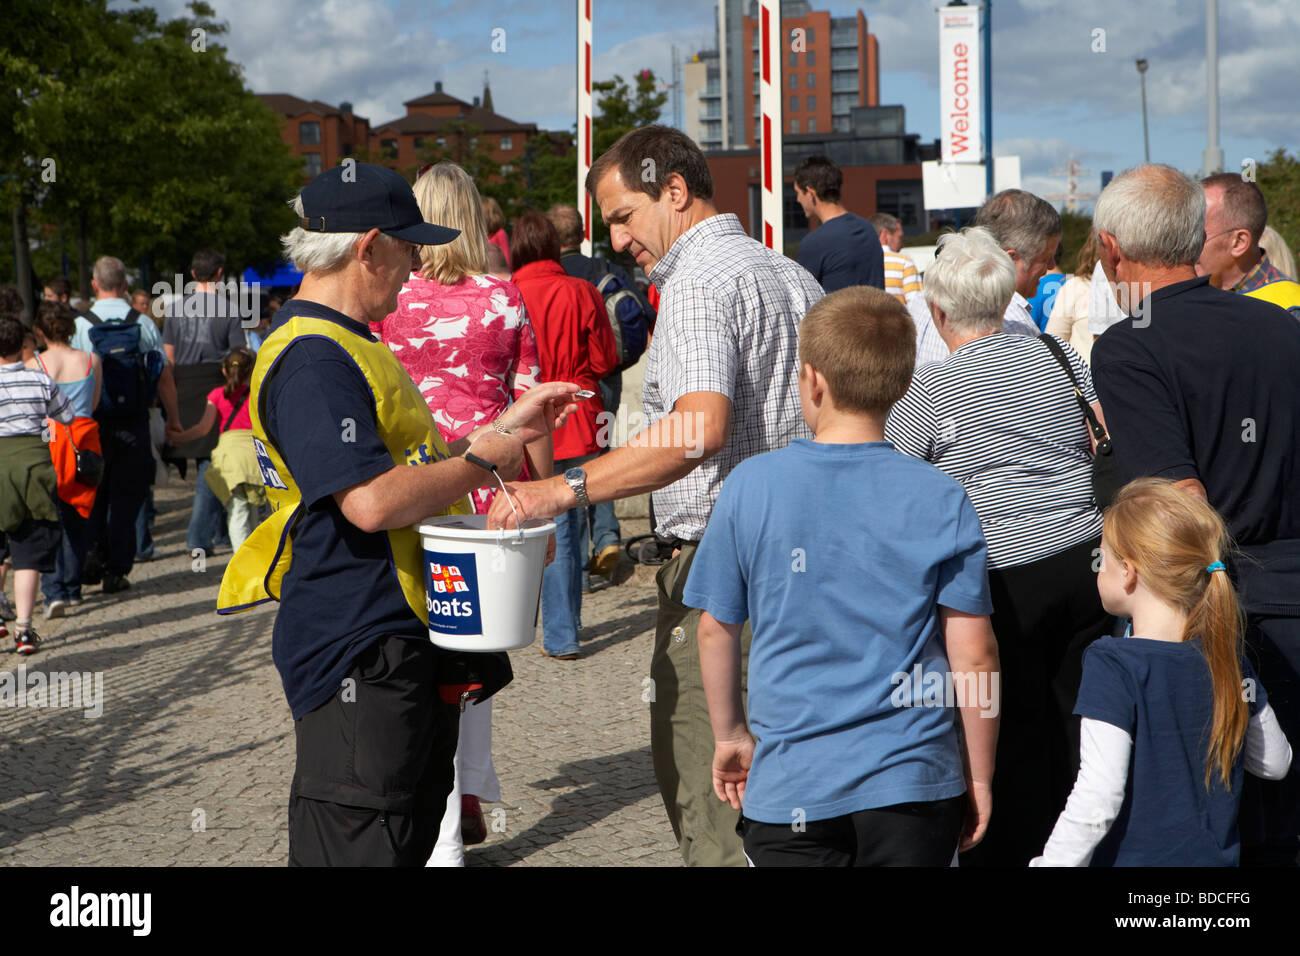 Volunteer facendo una carità la benna di raccolta per il RNLI in un affollato evento outdoor a Belfast Irlanda Immagini Stock